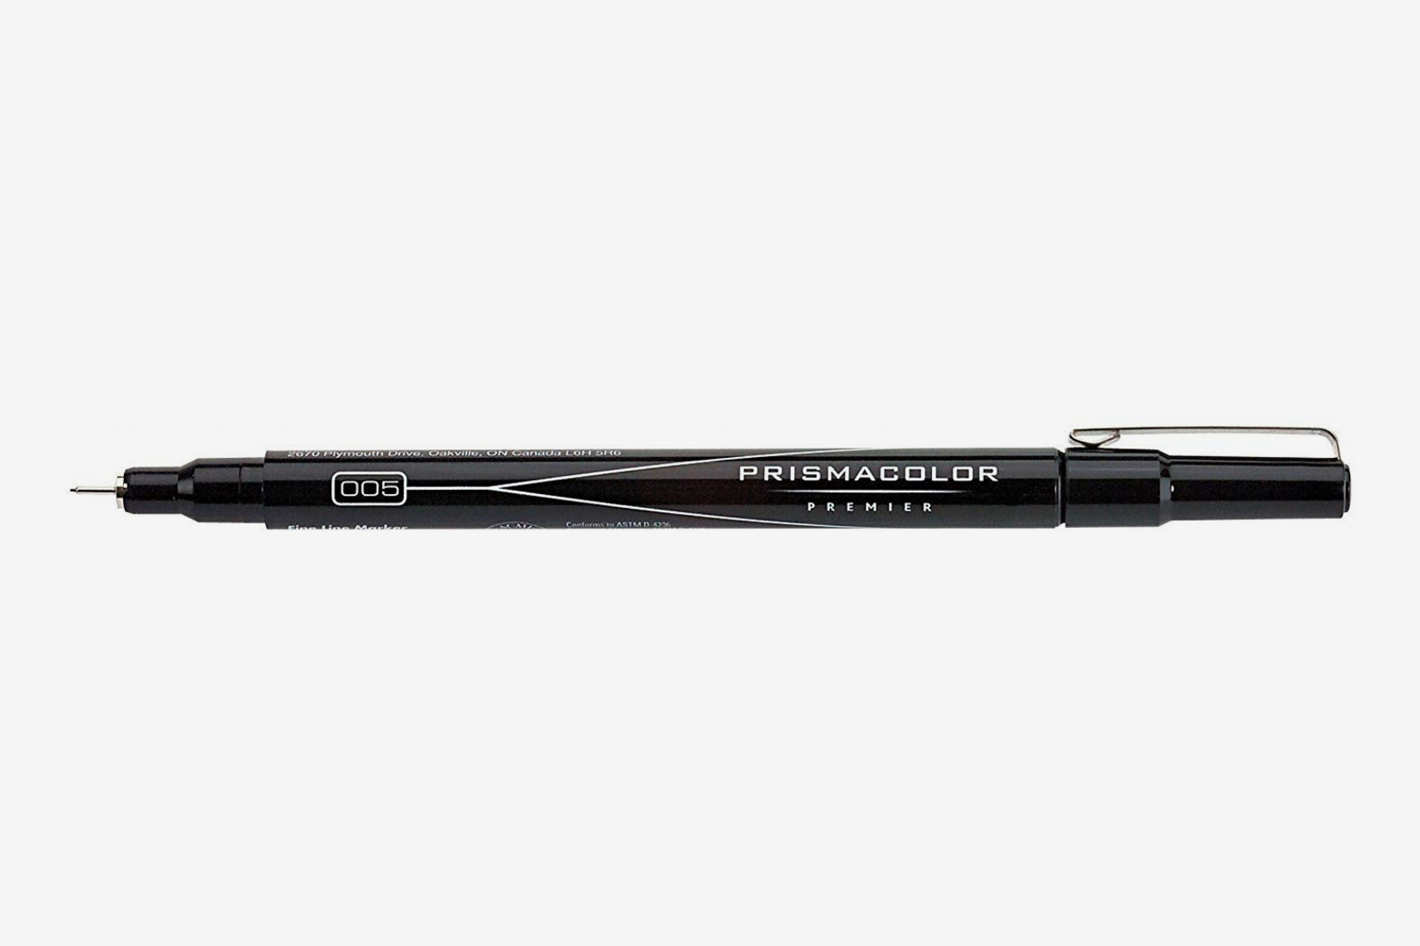 3. Prismacolor Premier Fine Line Felt Tip Pen (3)